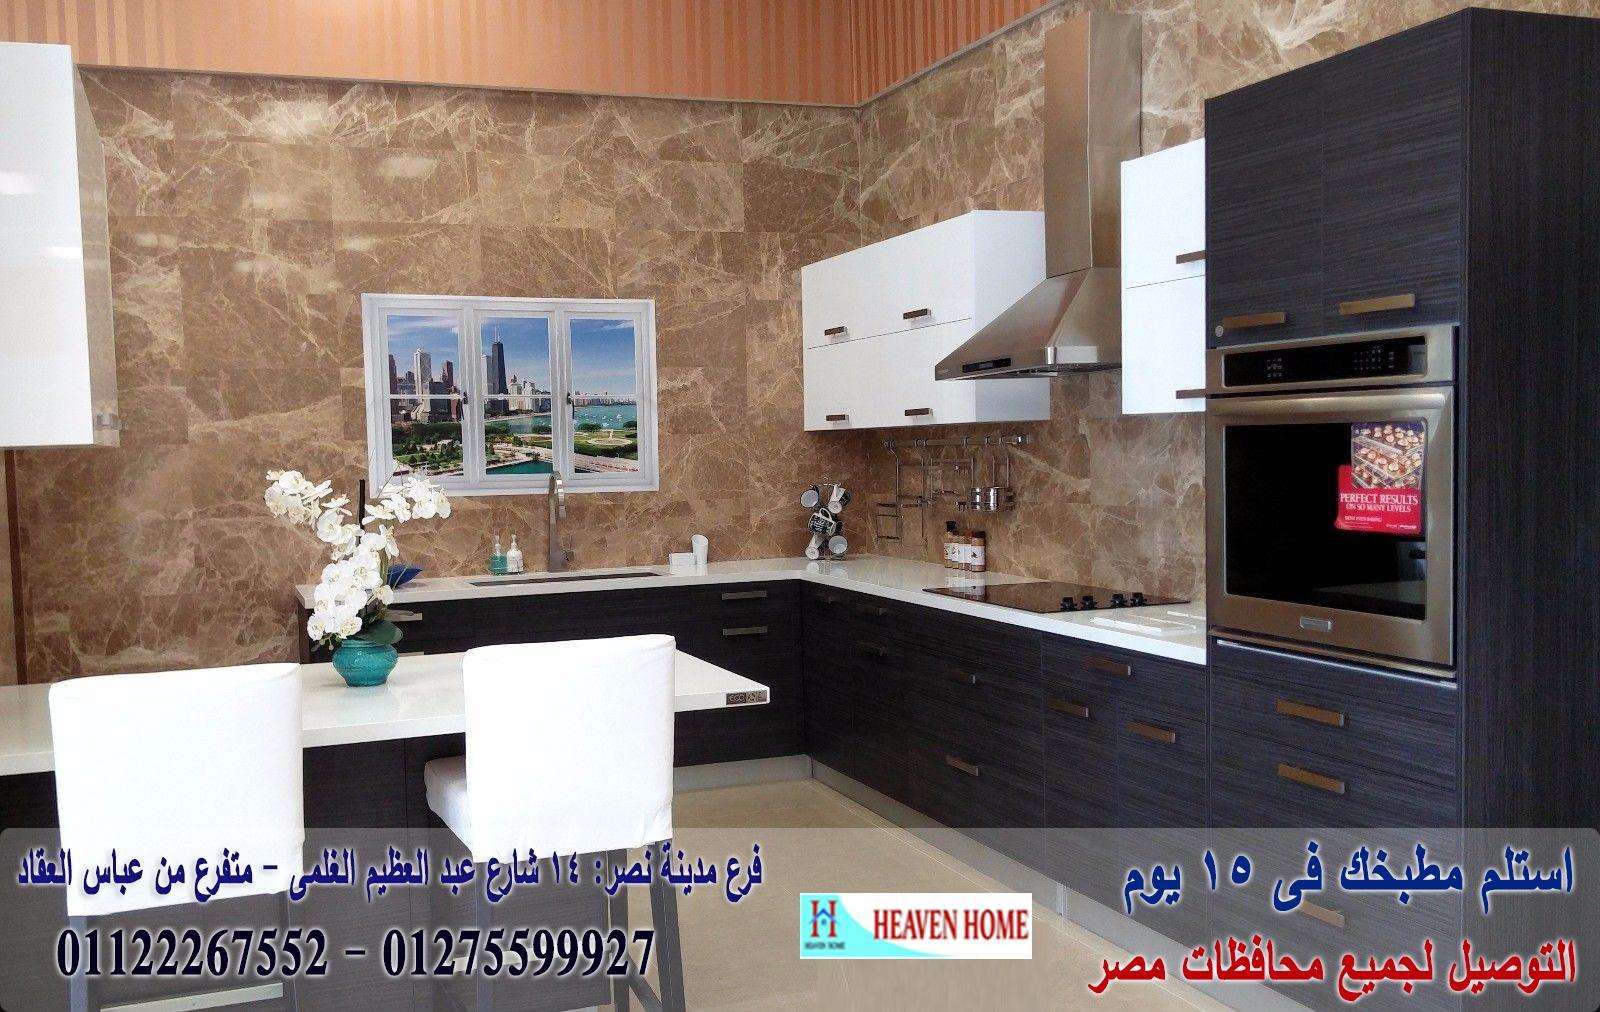 شركة مطابخ * استلم مطبخك فى 15 يوم     01275599927 243581180